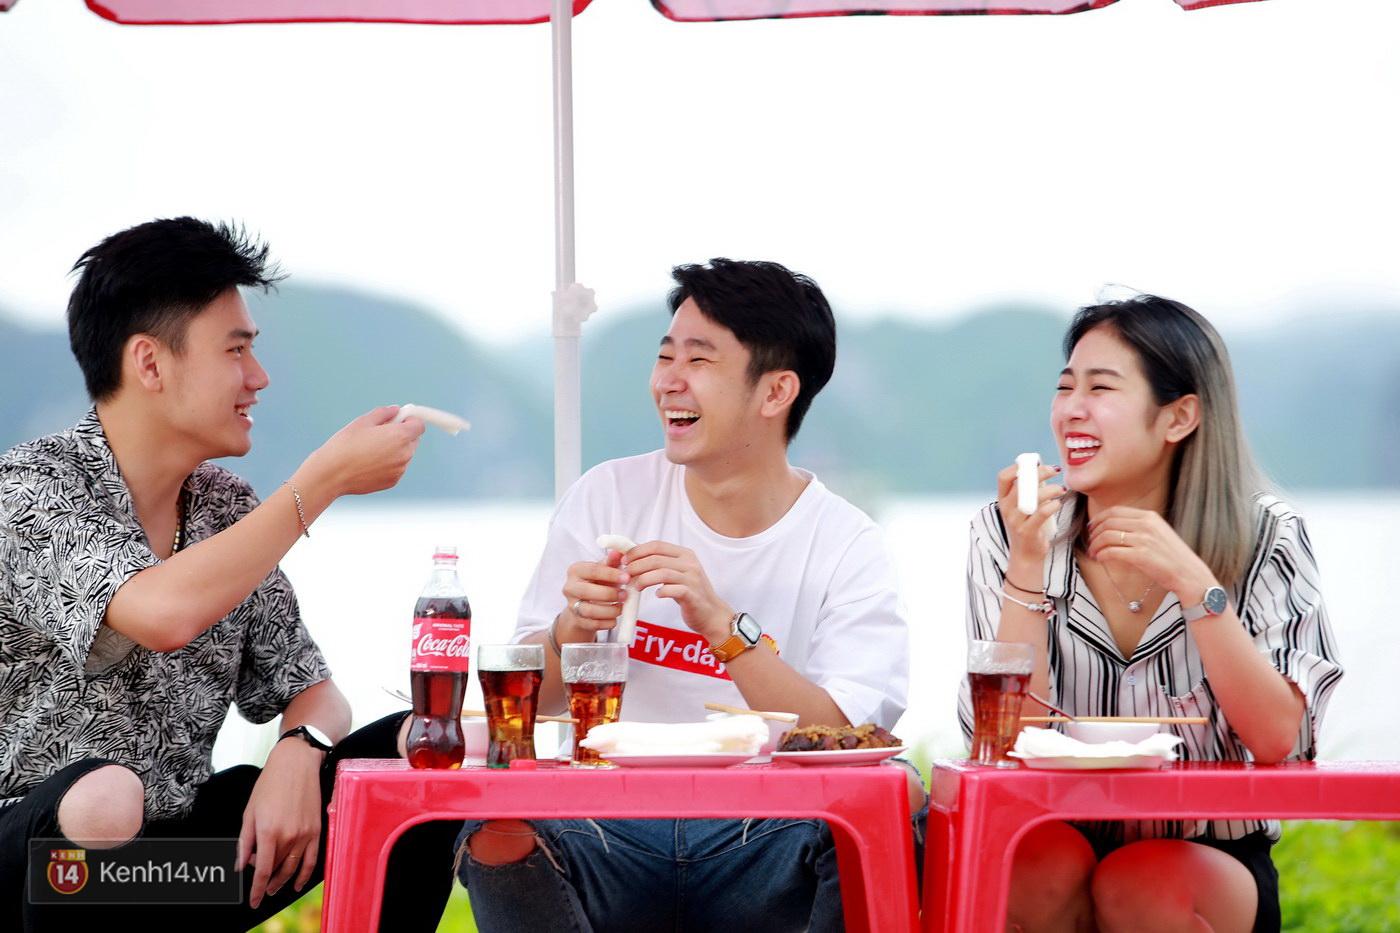 Đói Chưa Nhỉ: Những khoảnh khắc đáng yêu của cặp đôi nổi tiếng Tùng Sơn - Trang Lou - Ảnh 5.